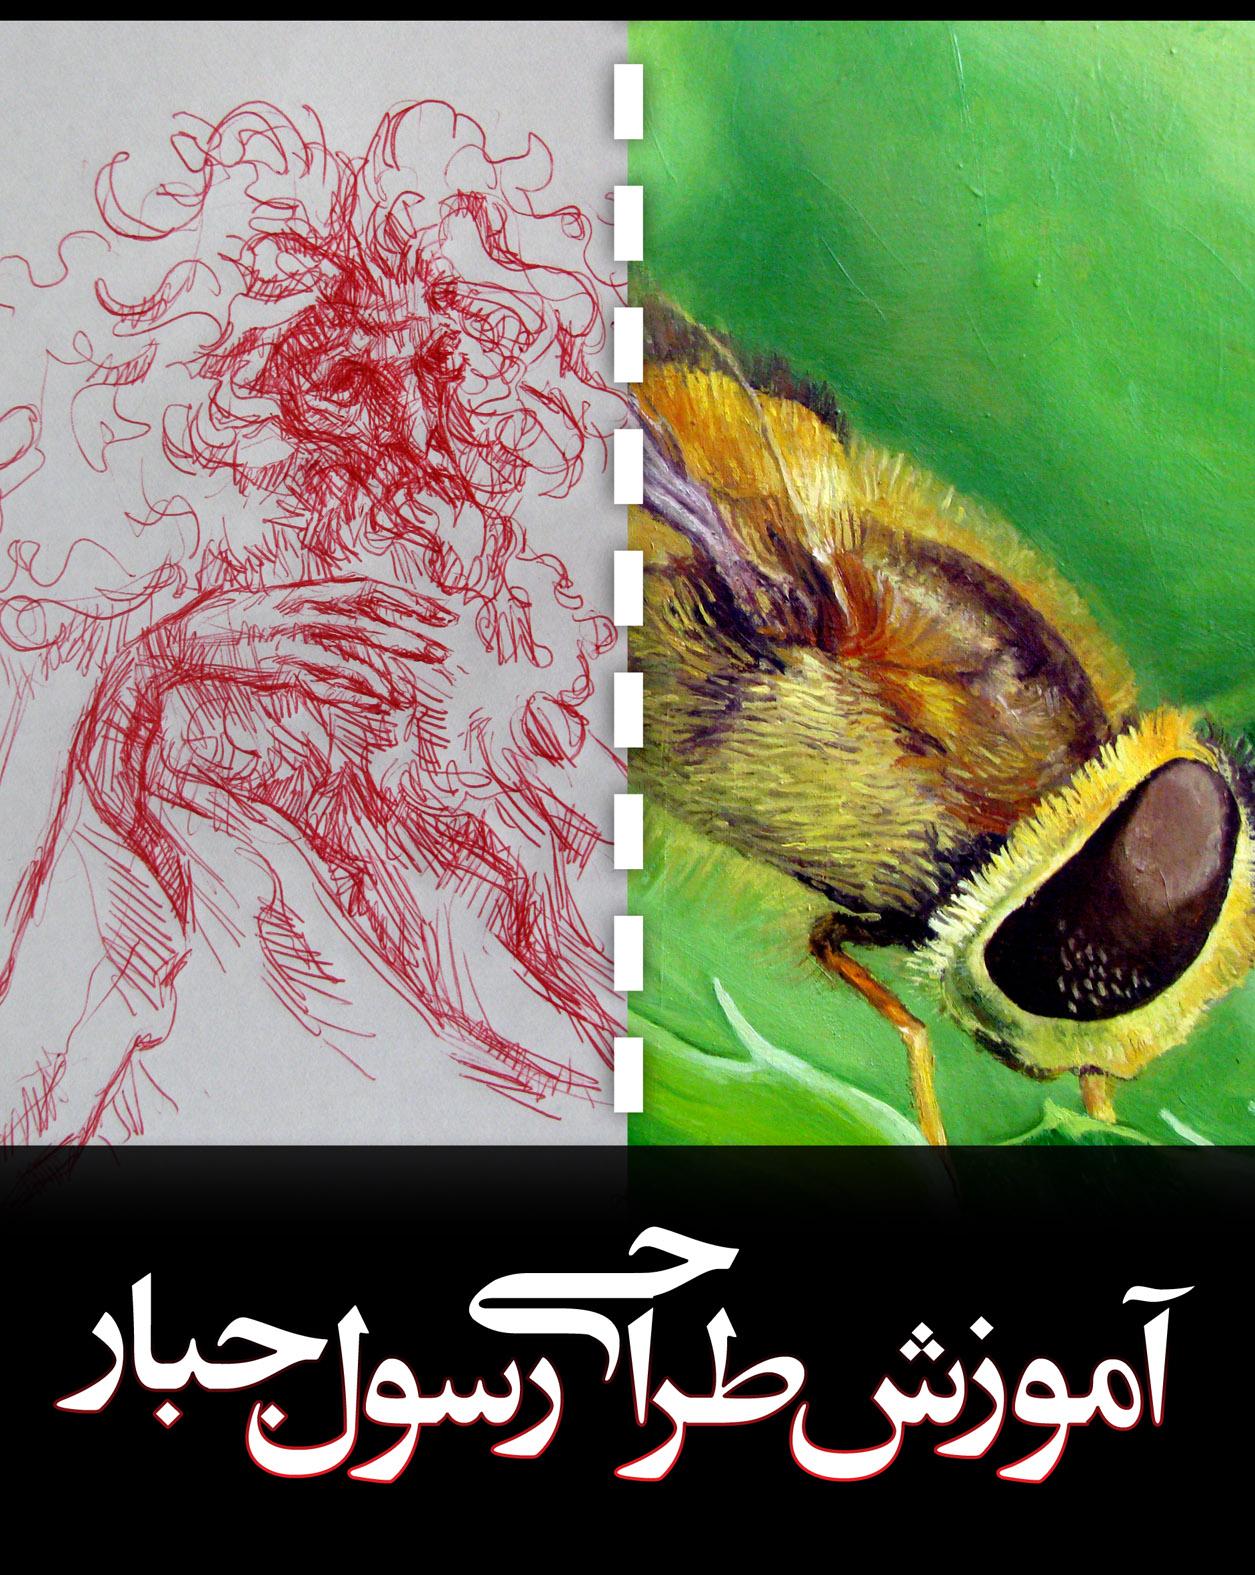 آموزش طراحی و نقاشی توسط رسول مهدی جبار